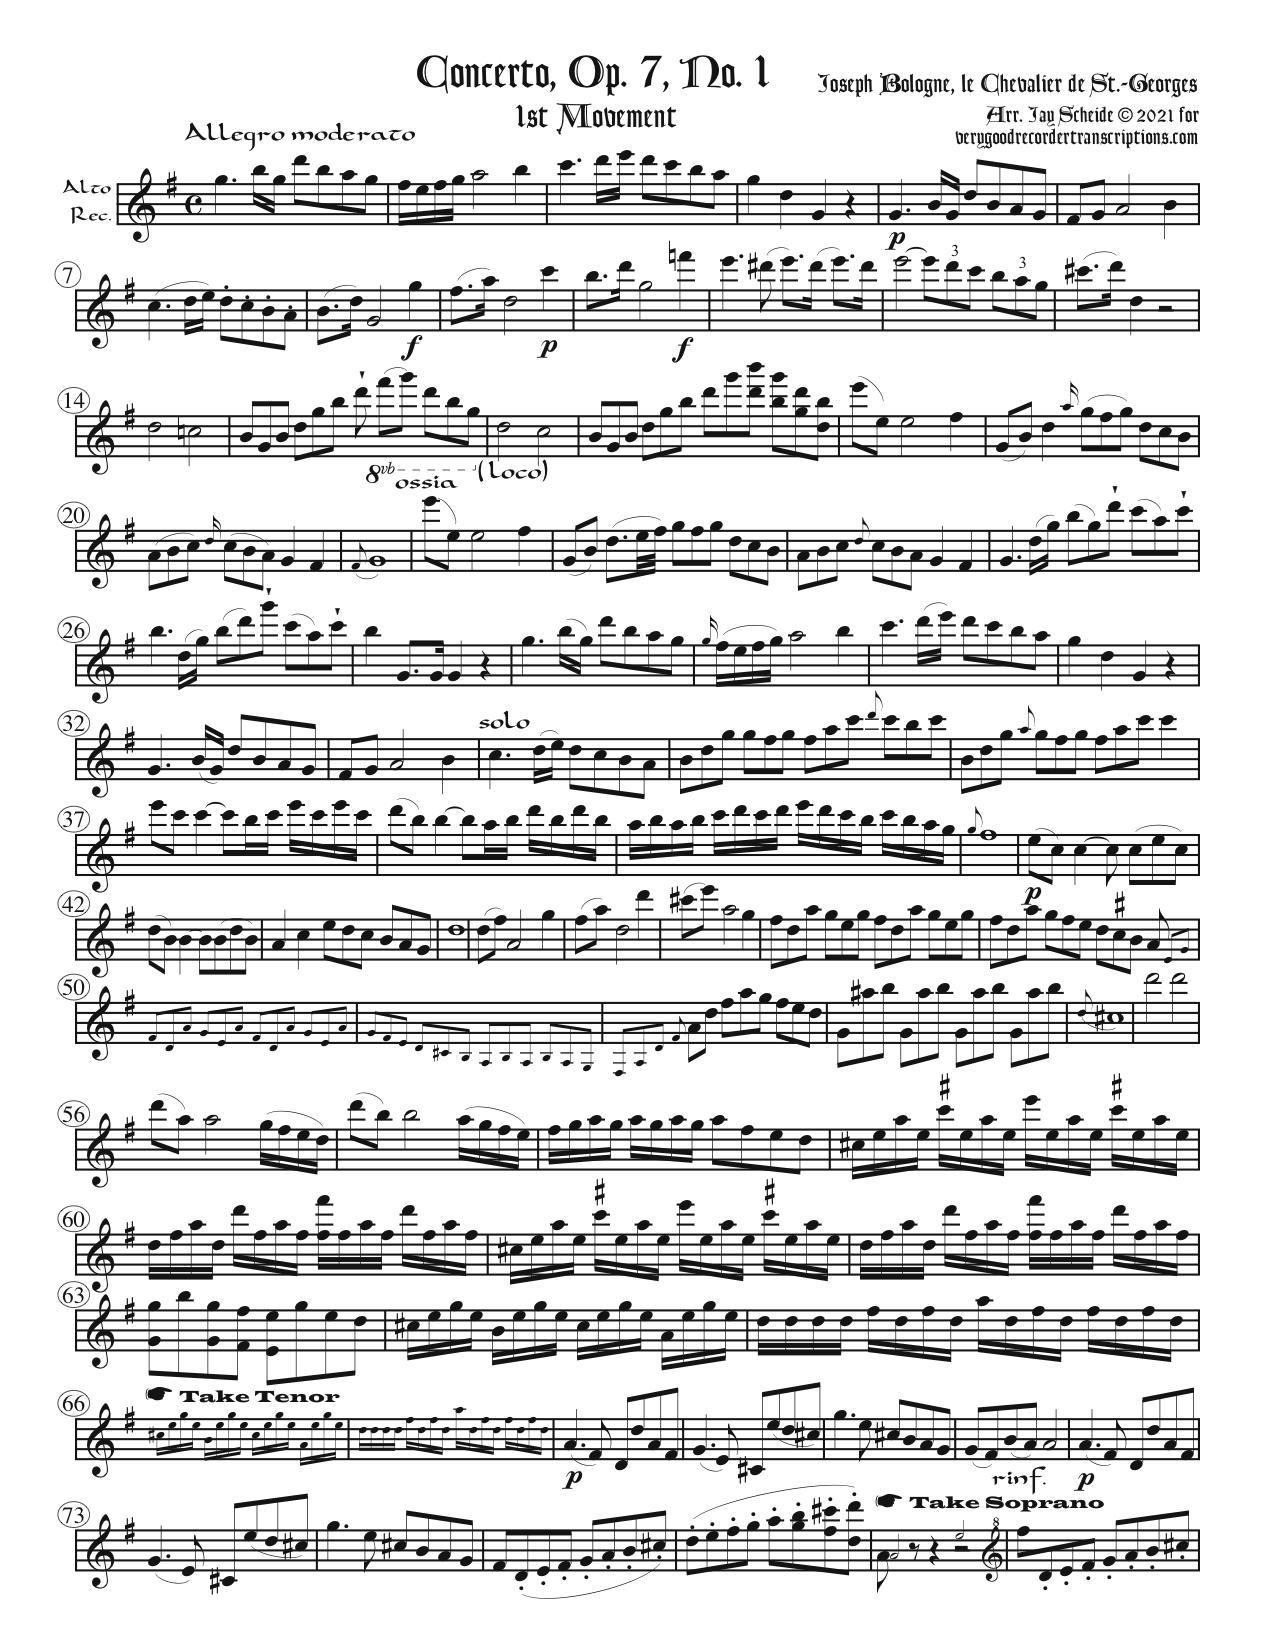 Concerto, Op. 7, No. 1